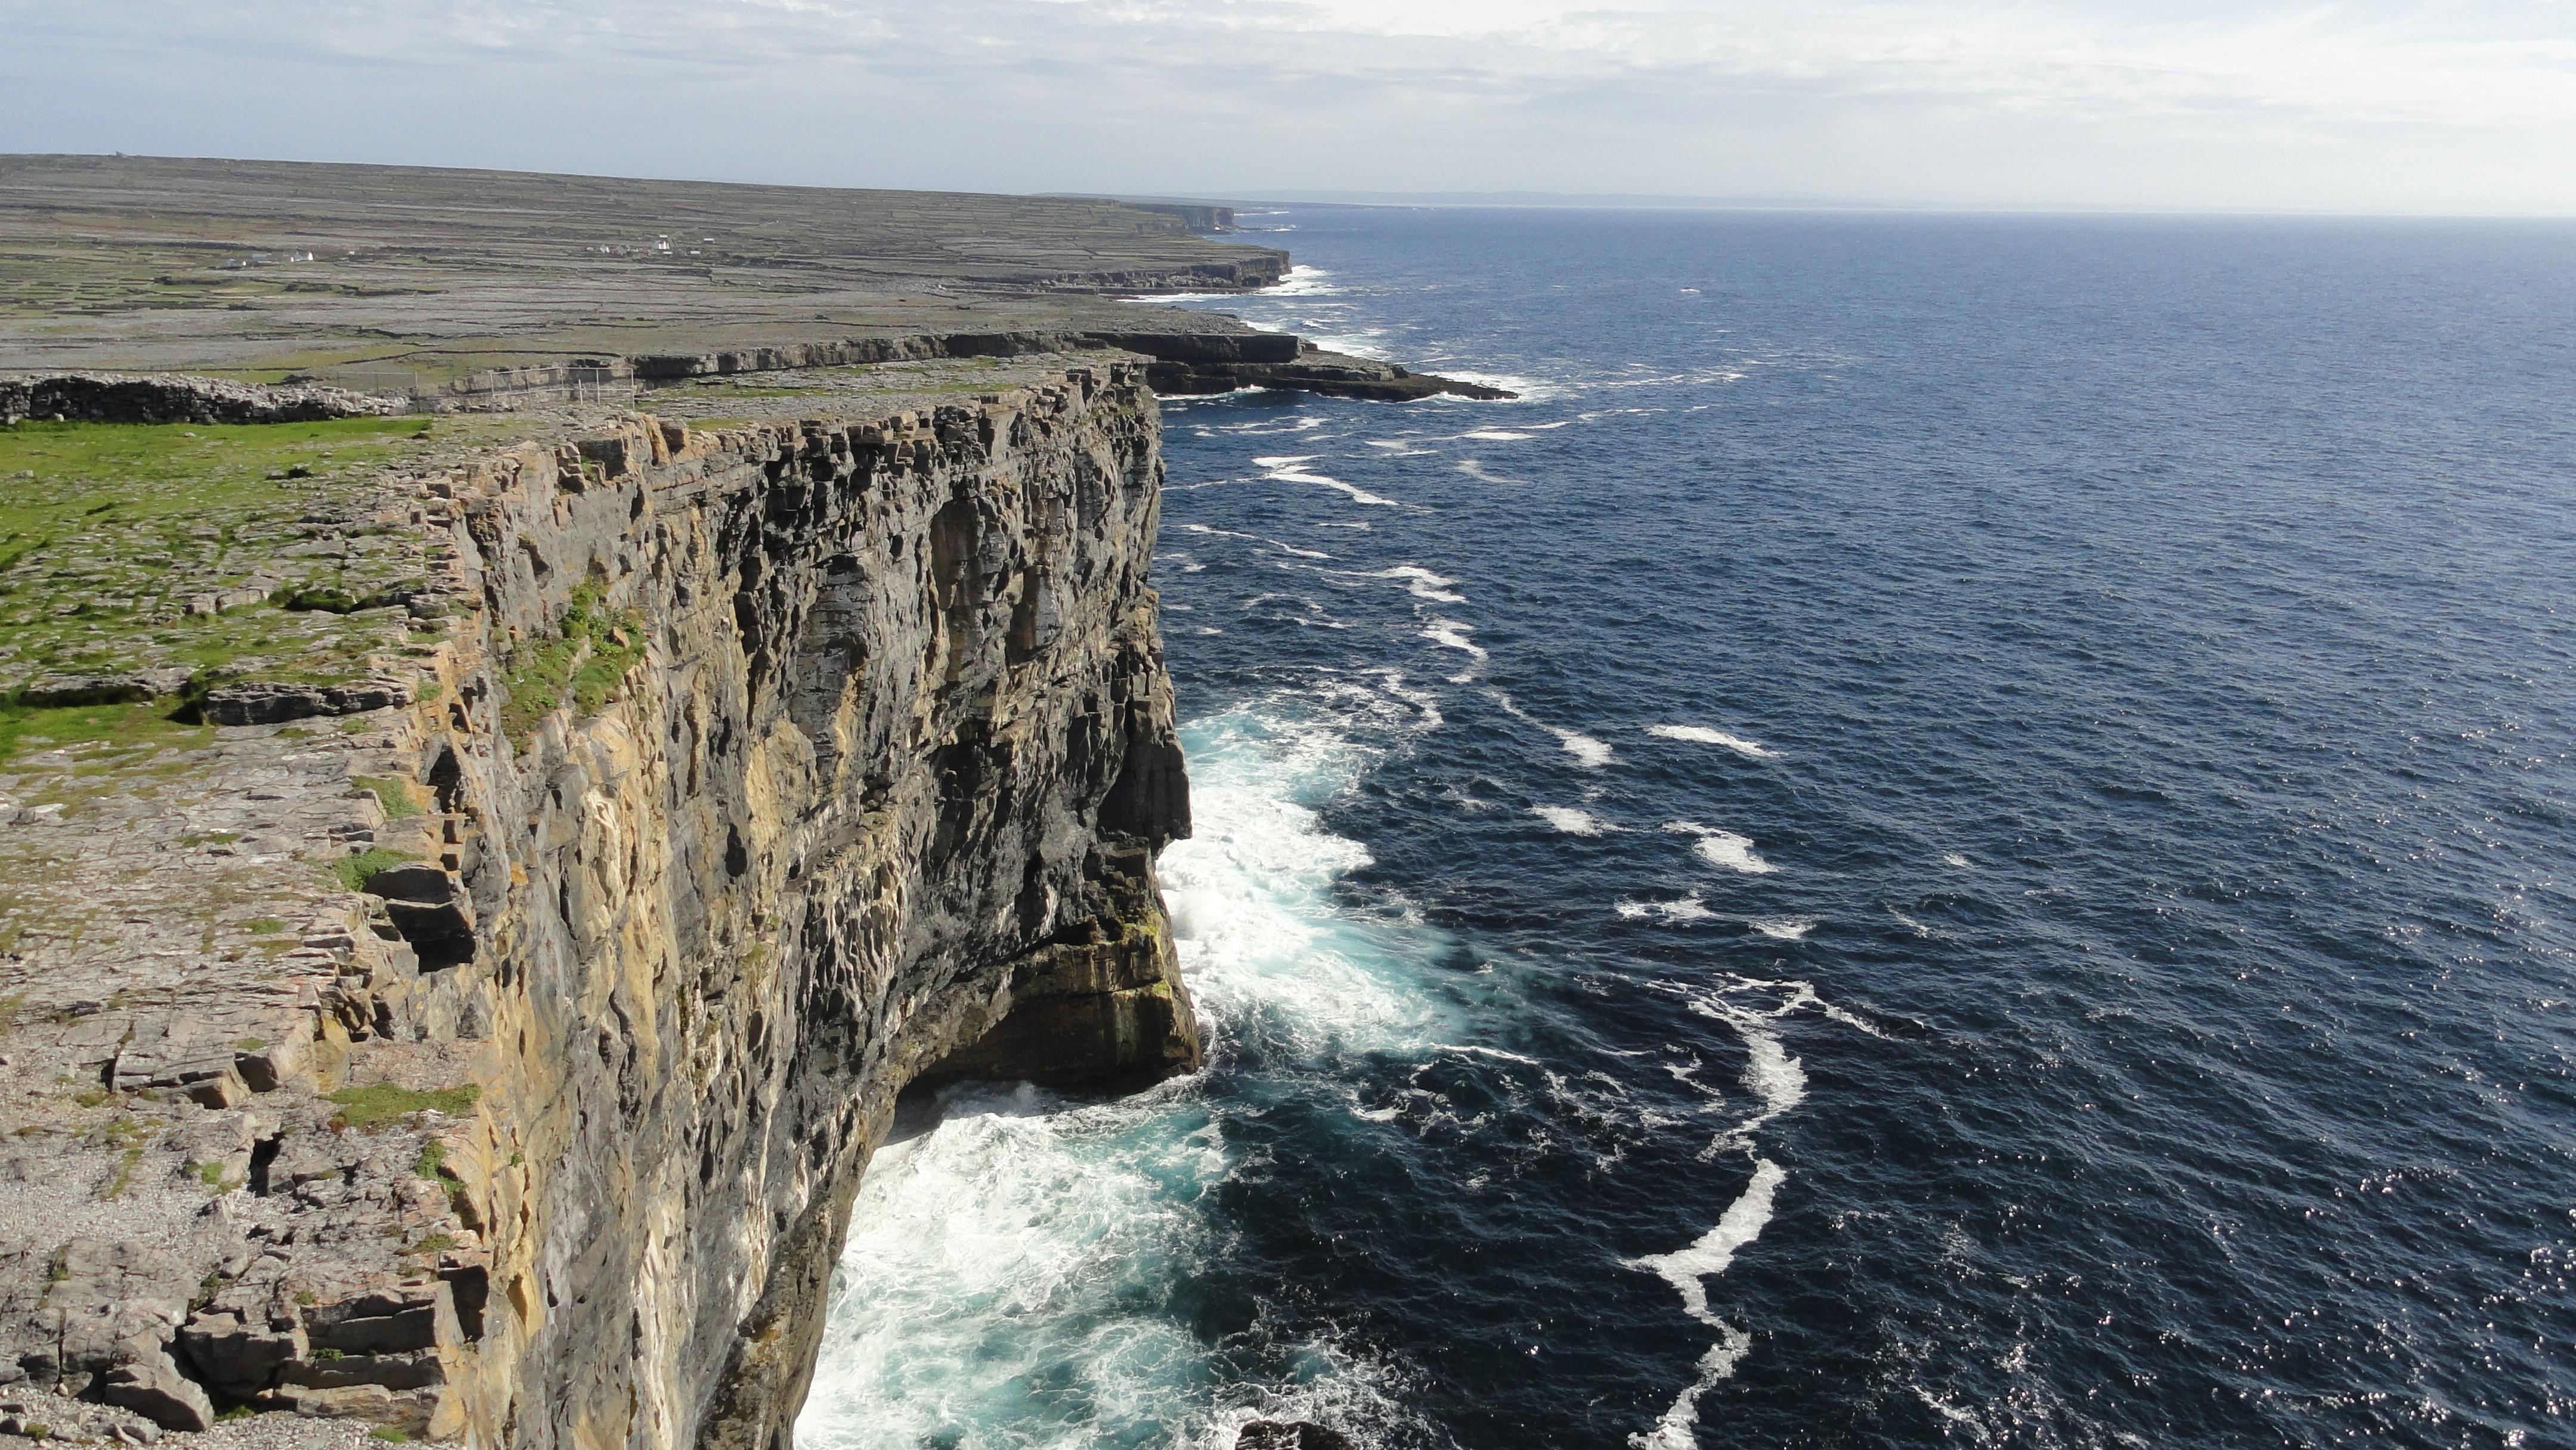 http://cdn.oboi7.com/29deffc5a2a1dbf2e04e1653706958f4fbc37ecc/pejzazhi-skaly-irlandiya.jpg